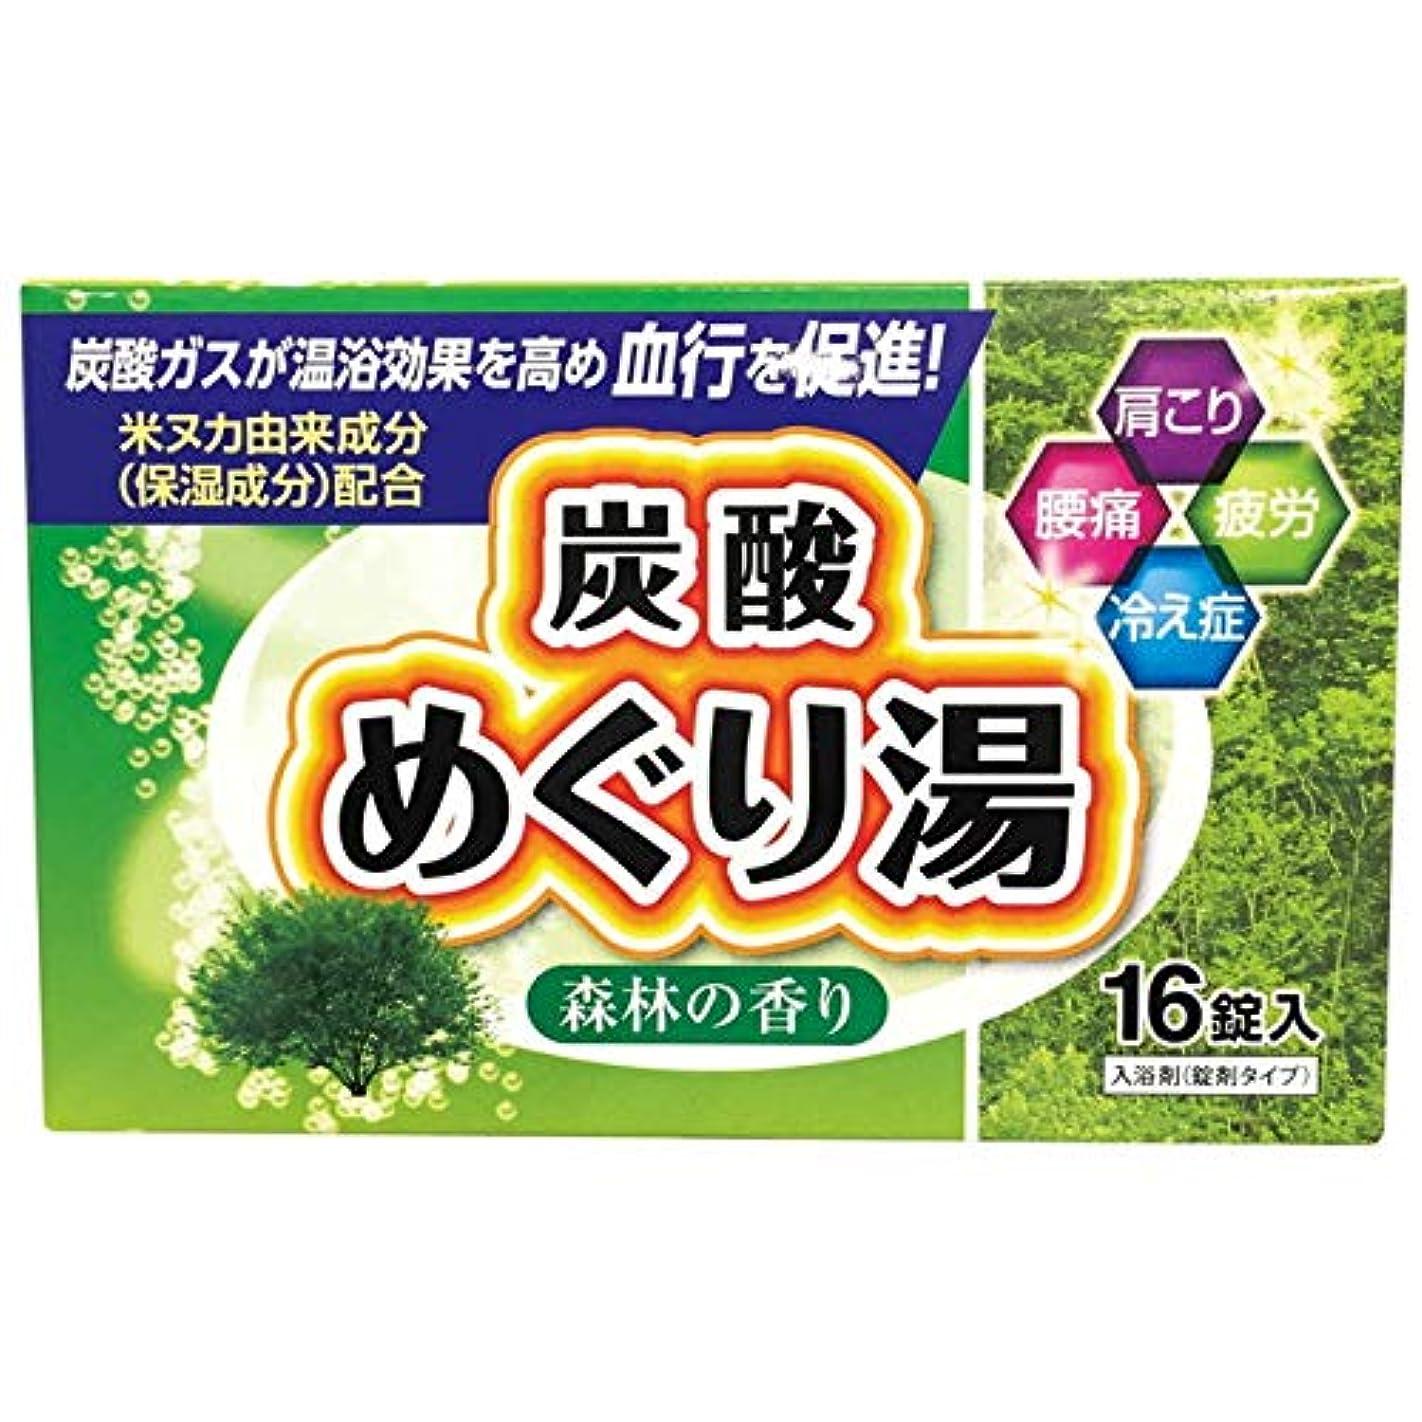 バルクインタネットを見る奇跡的な炭酸めぐり湯 森林の香り 16錠